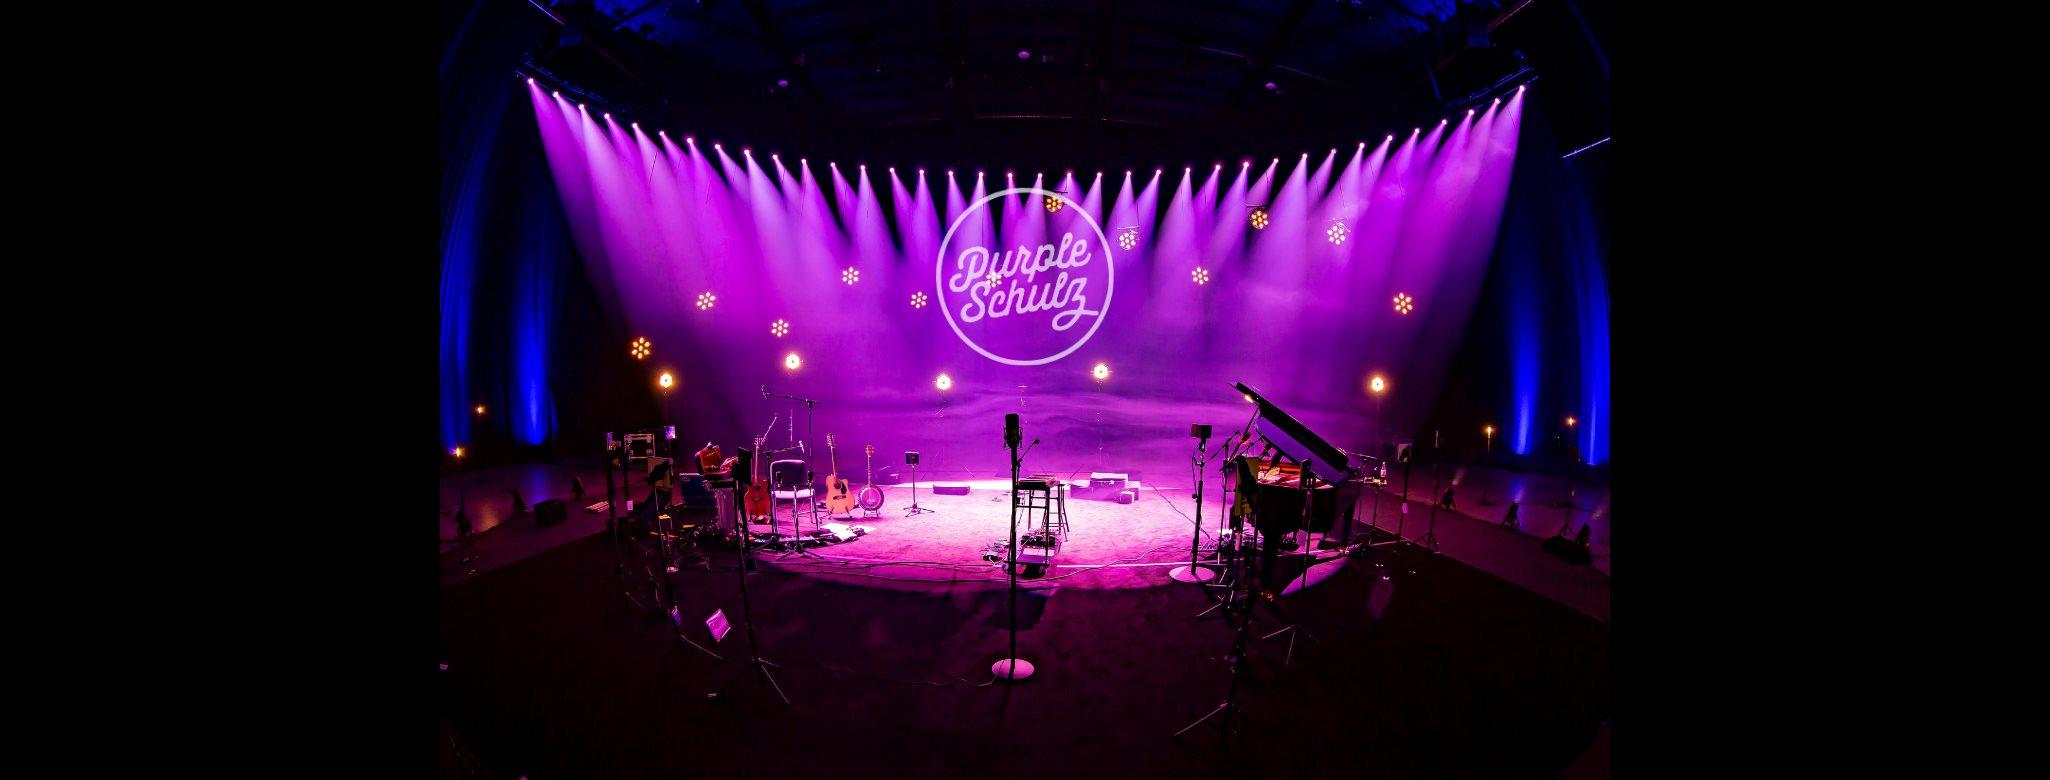 Purple Schulz, Konzerte, Purple Schulz, Fanartikel, Merchandise, Fanclub, Tourdaten, Veranstaltung, Karten kaufen, Tickets